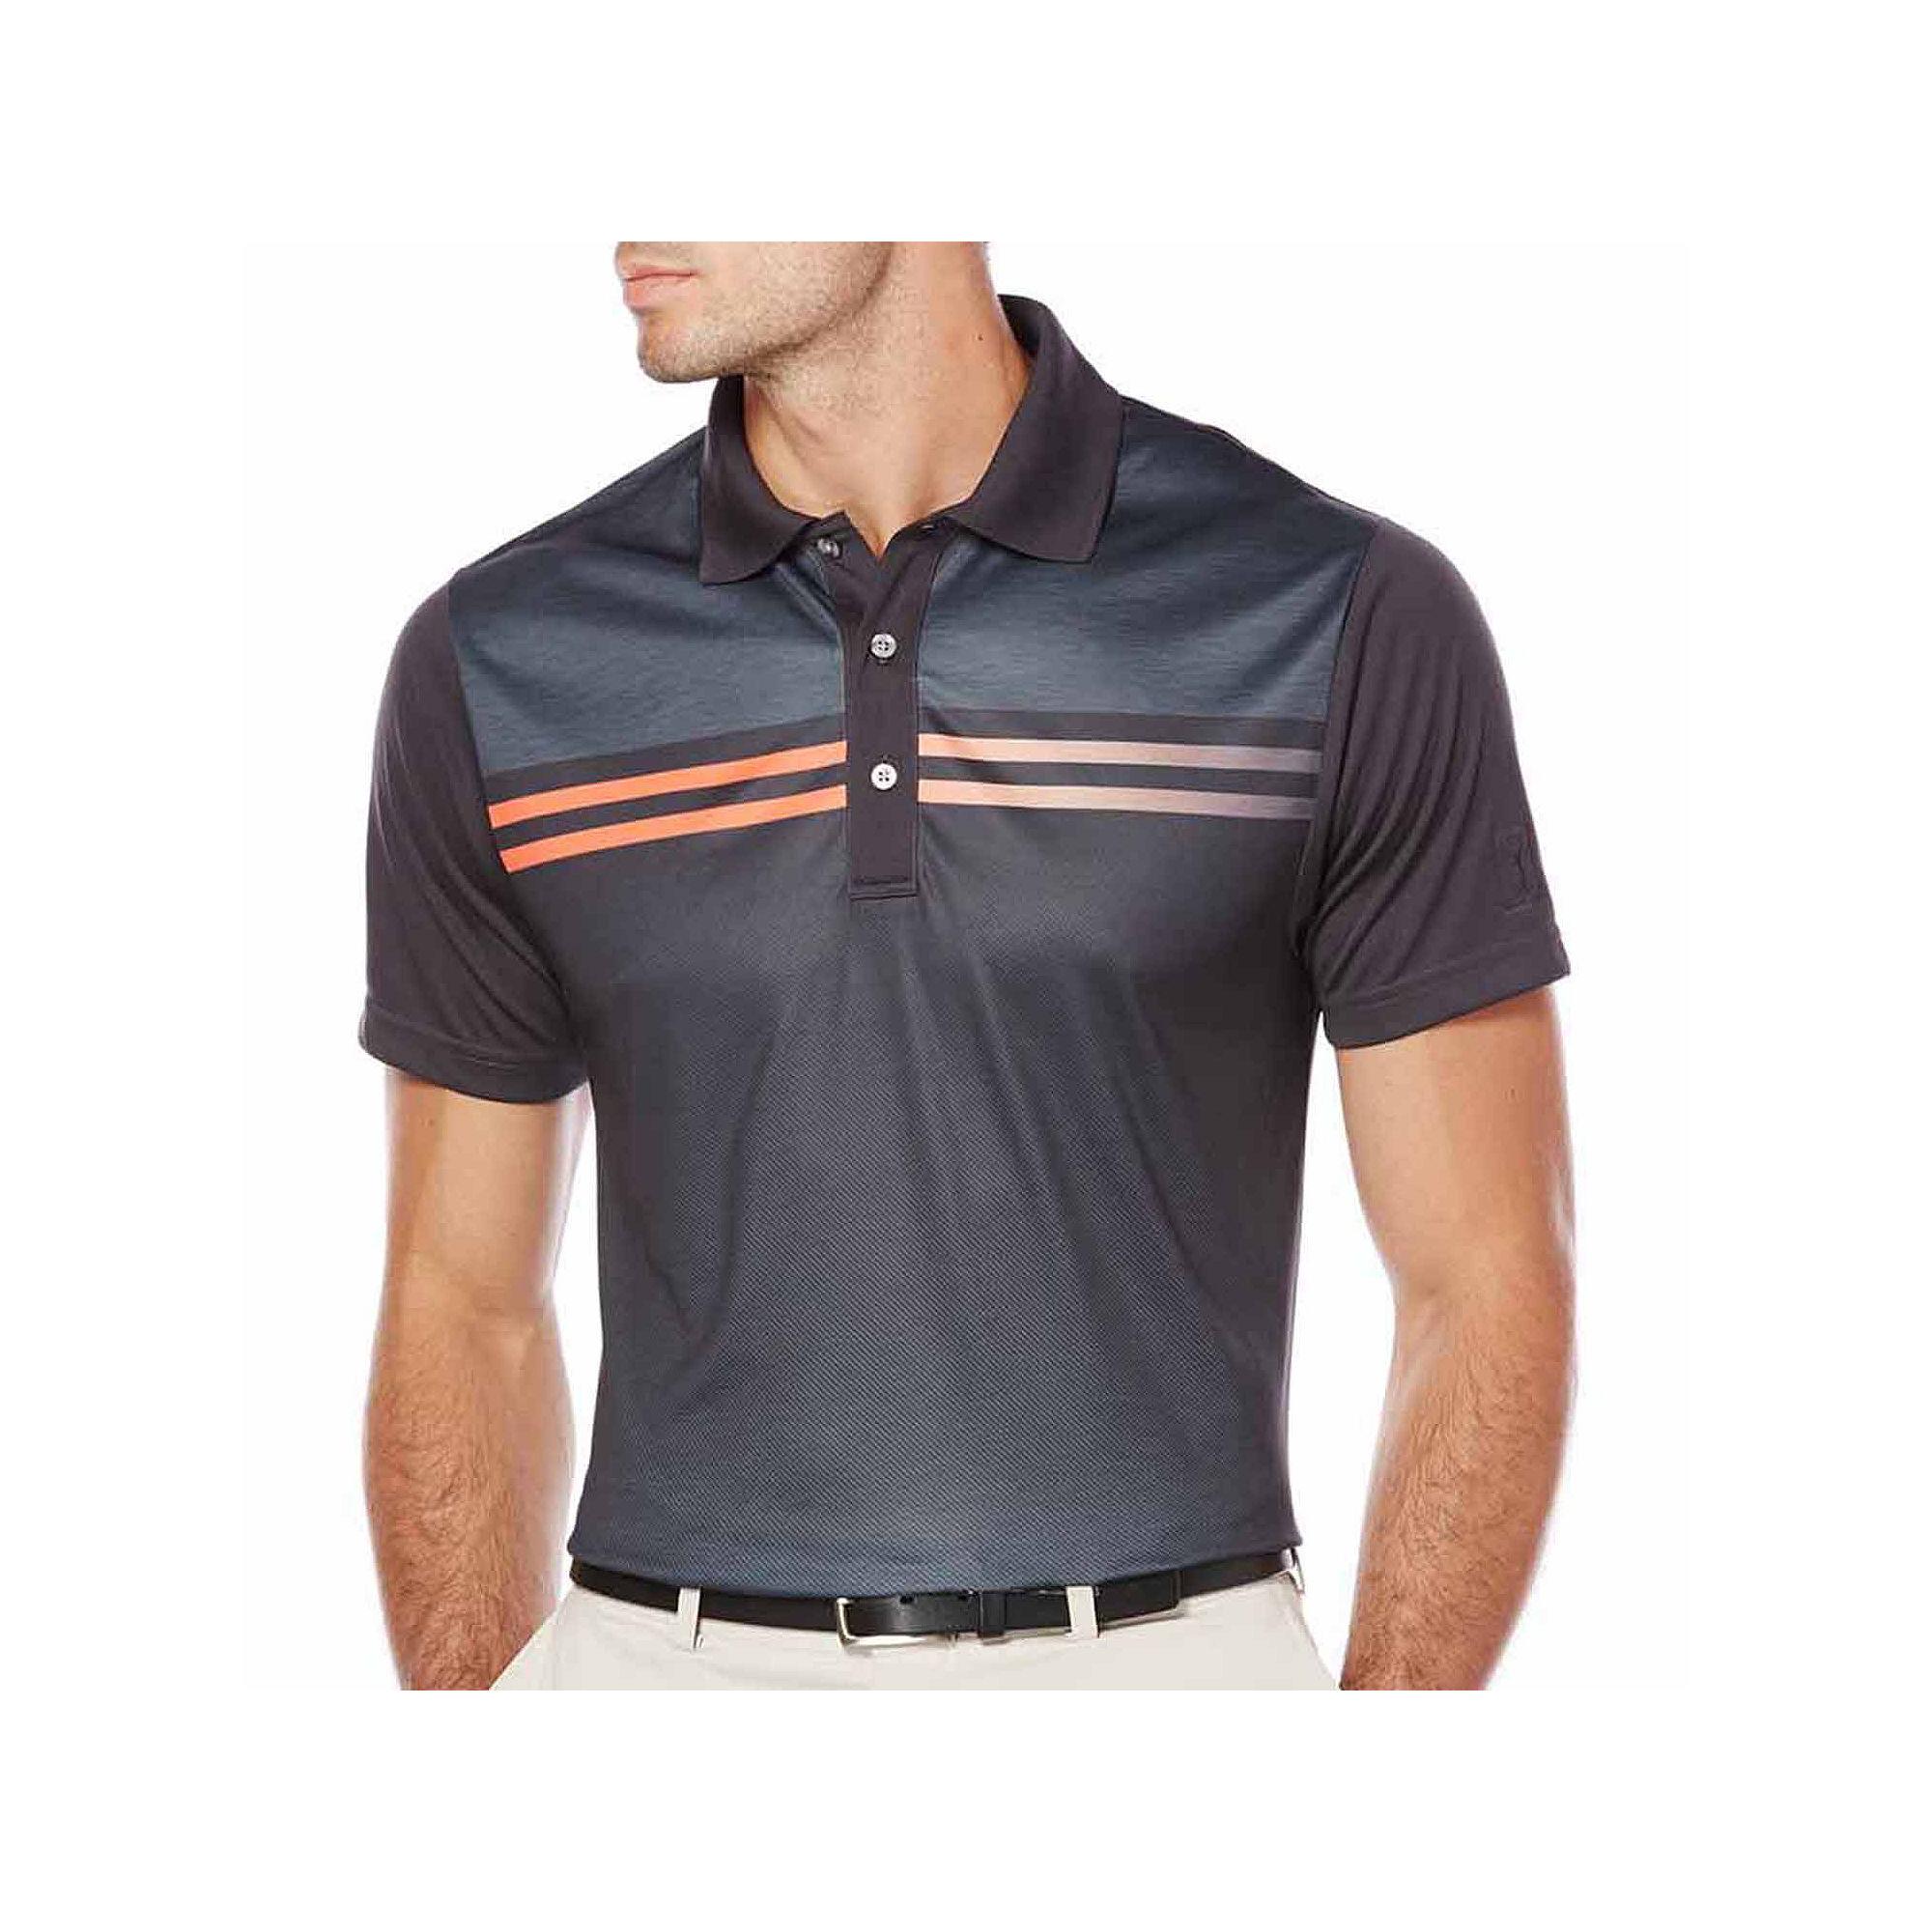 4d5da9b4b4 Pga Tour Polo Shirts - DREAMWORKS